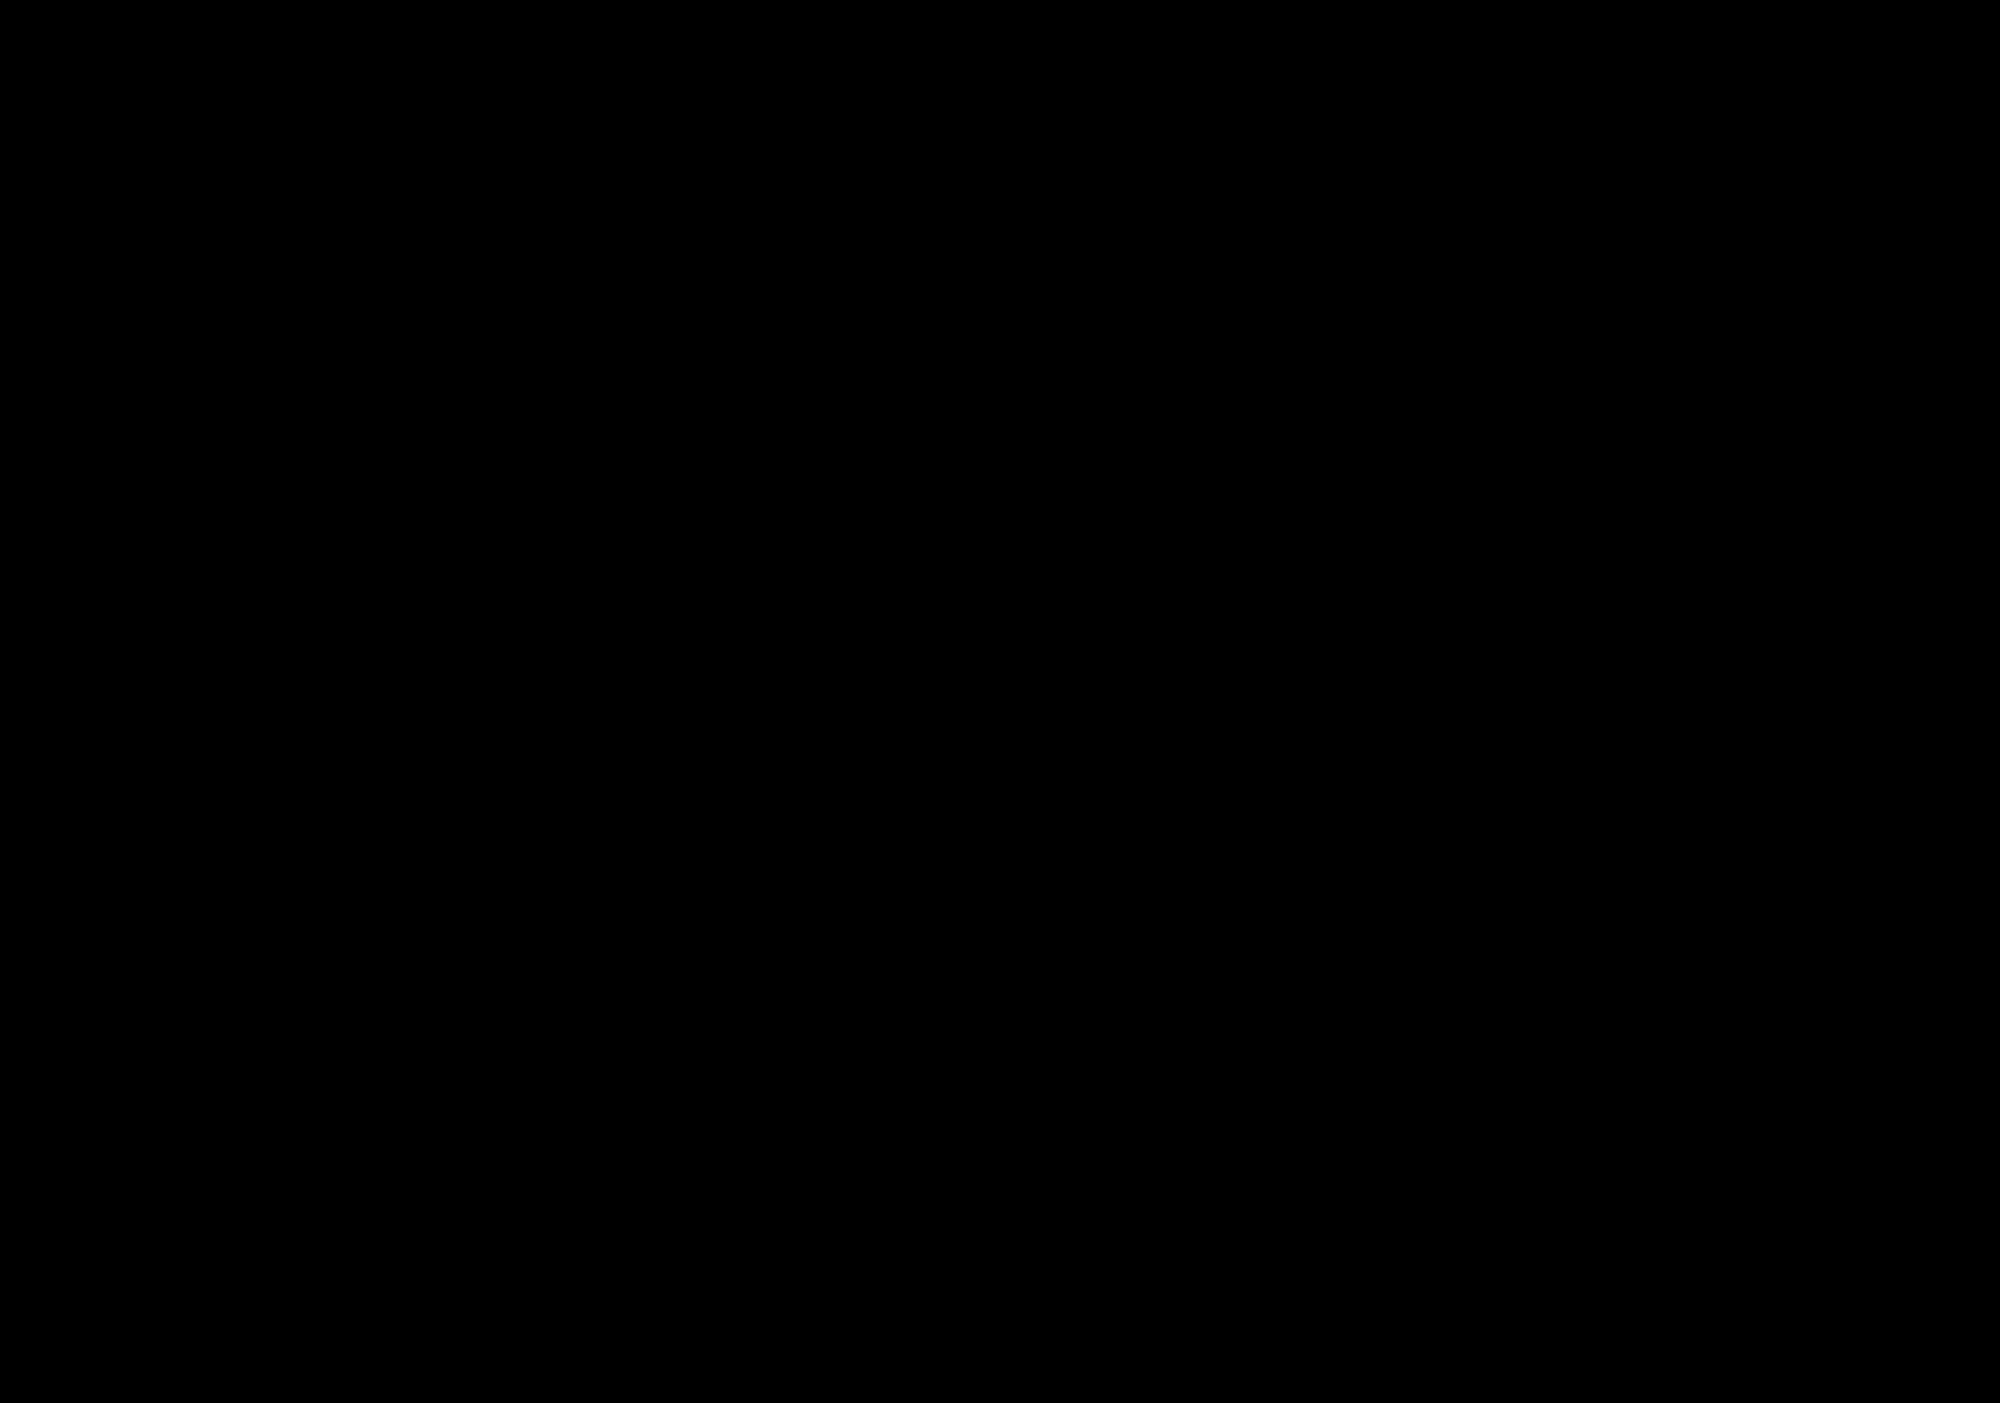 ANDESA-logo (1).png